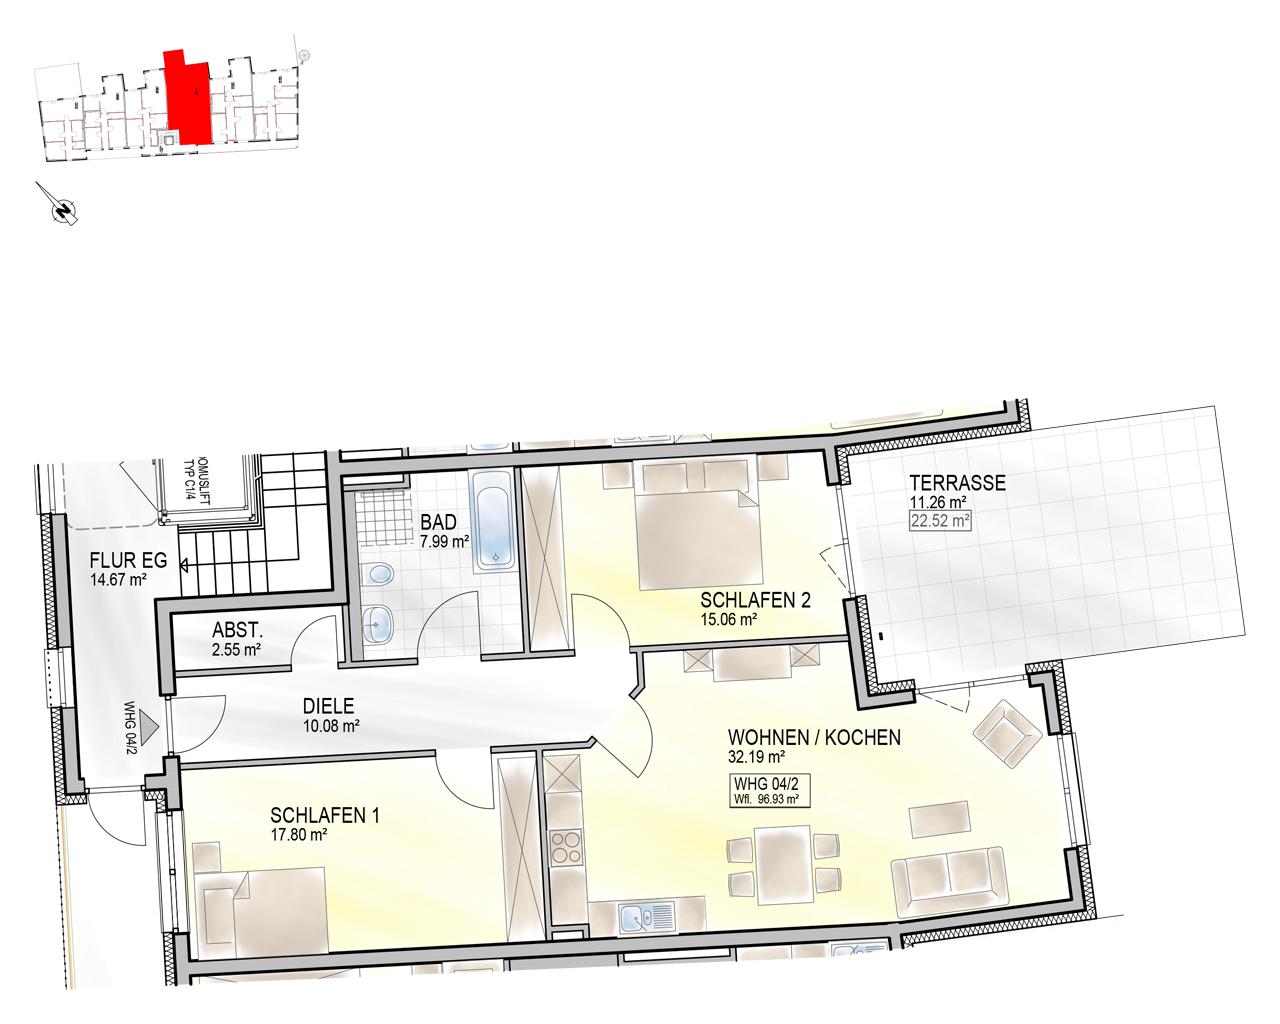 Nr. 04/2 - EG - 3 Zimmer - 96,88m²